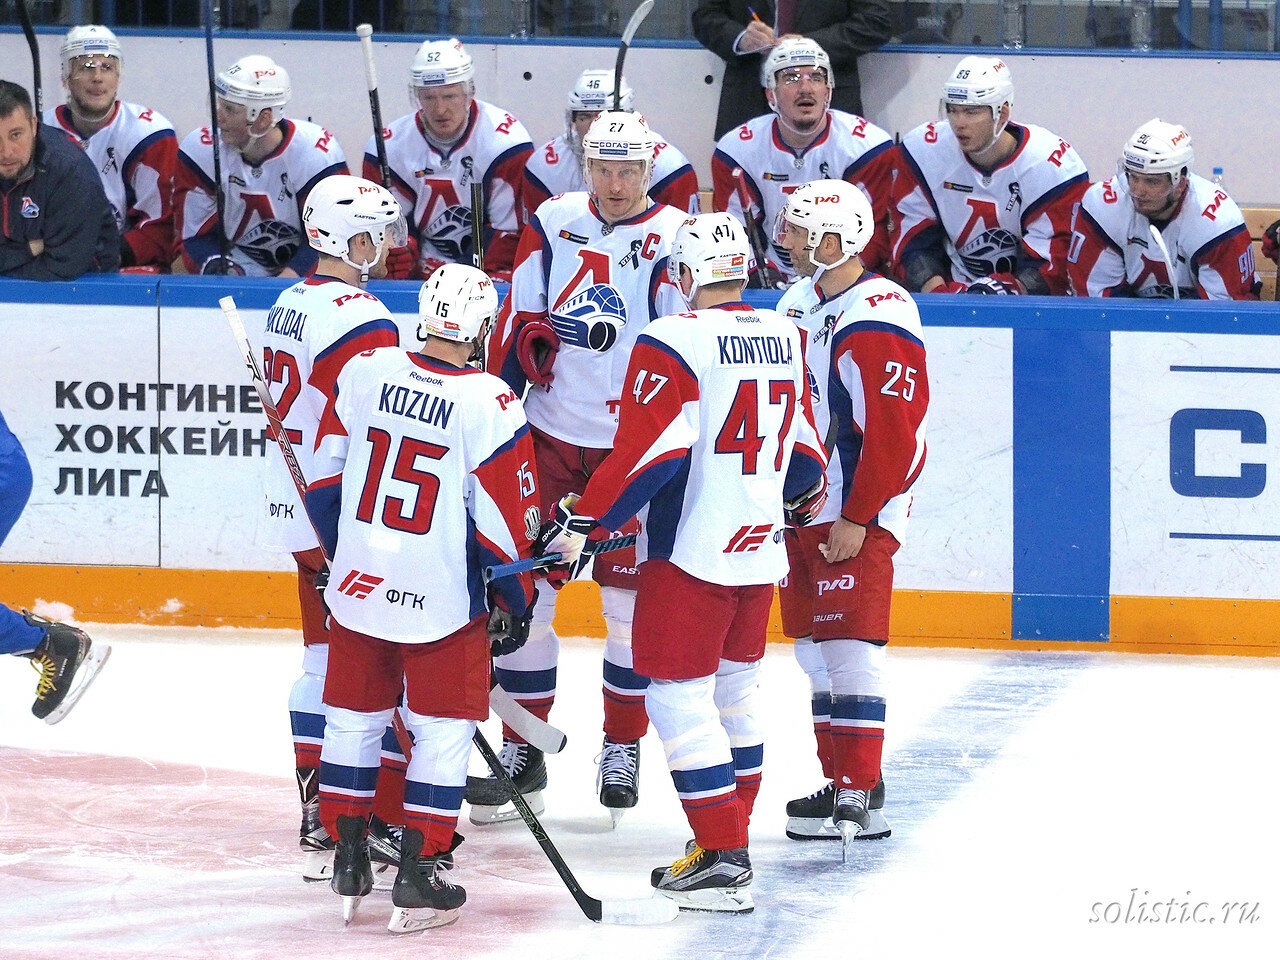 79 Металлург - Локомотив 05.01.2018